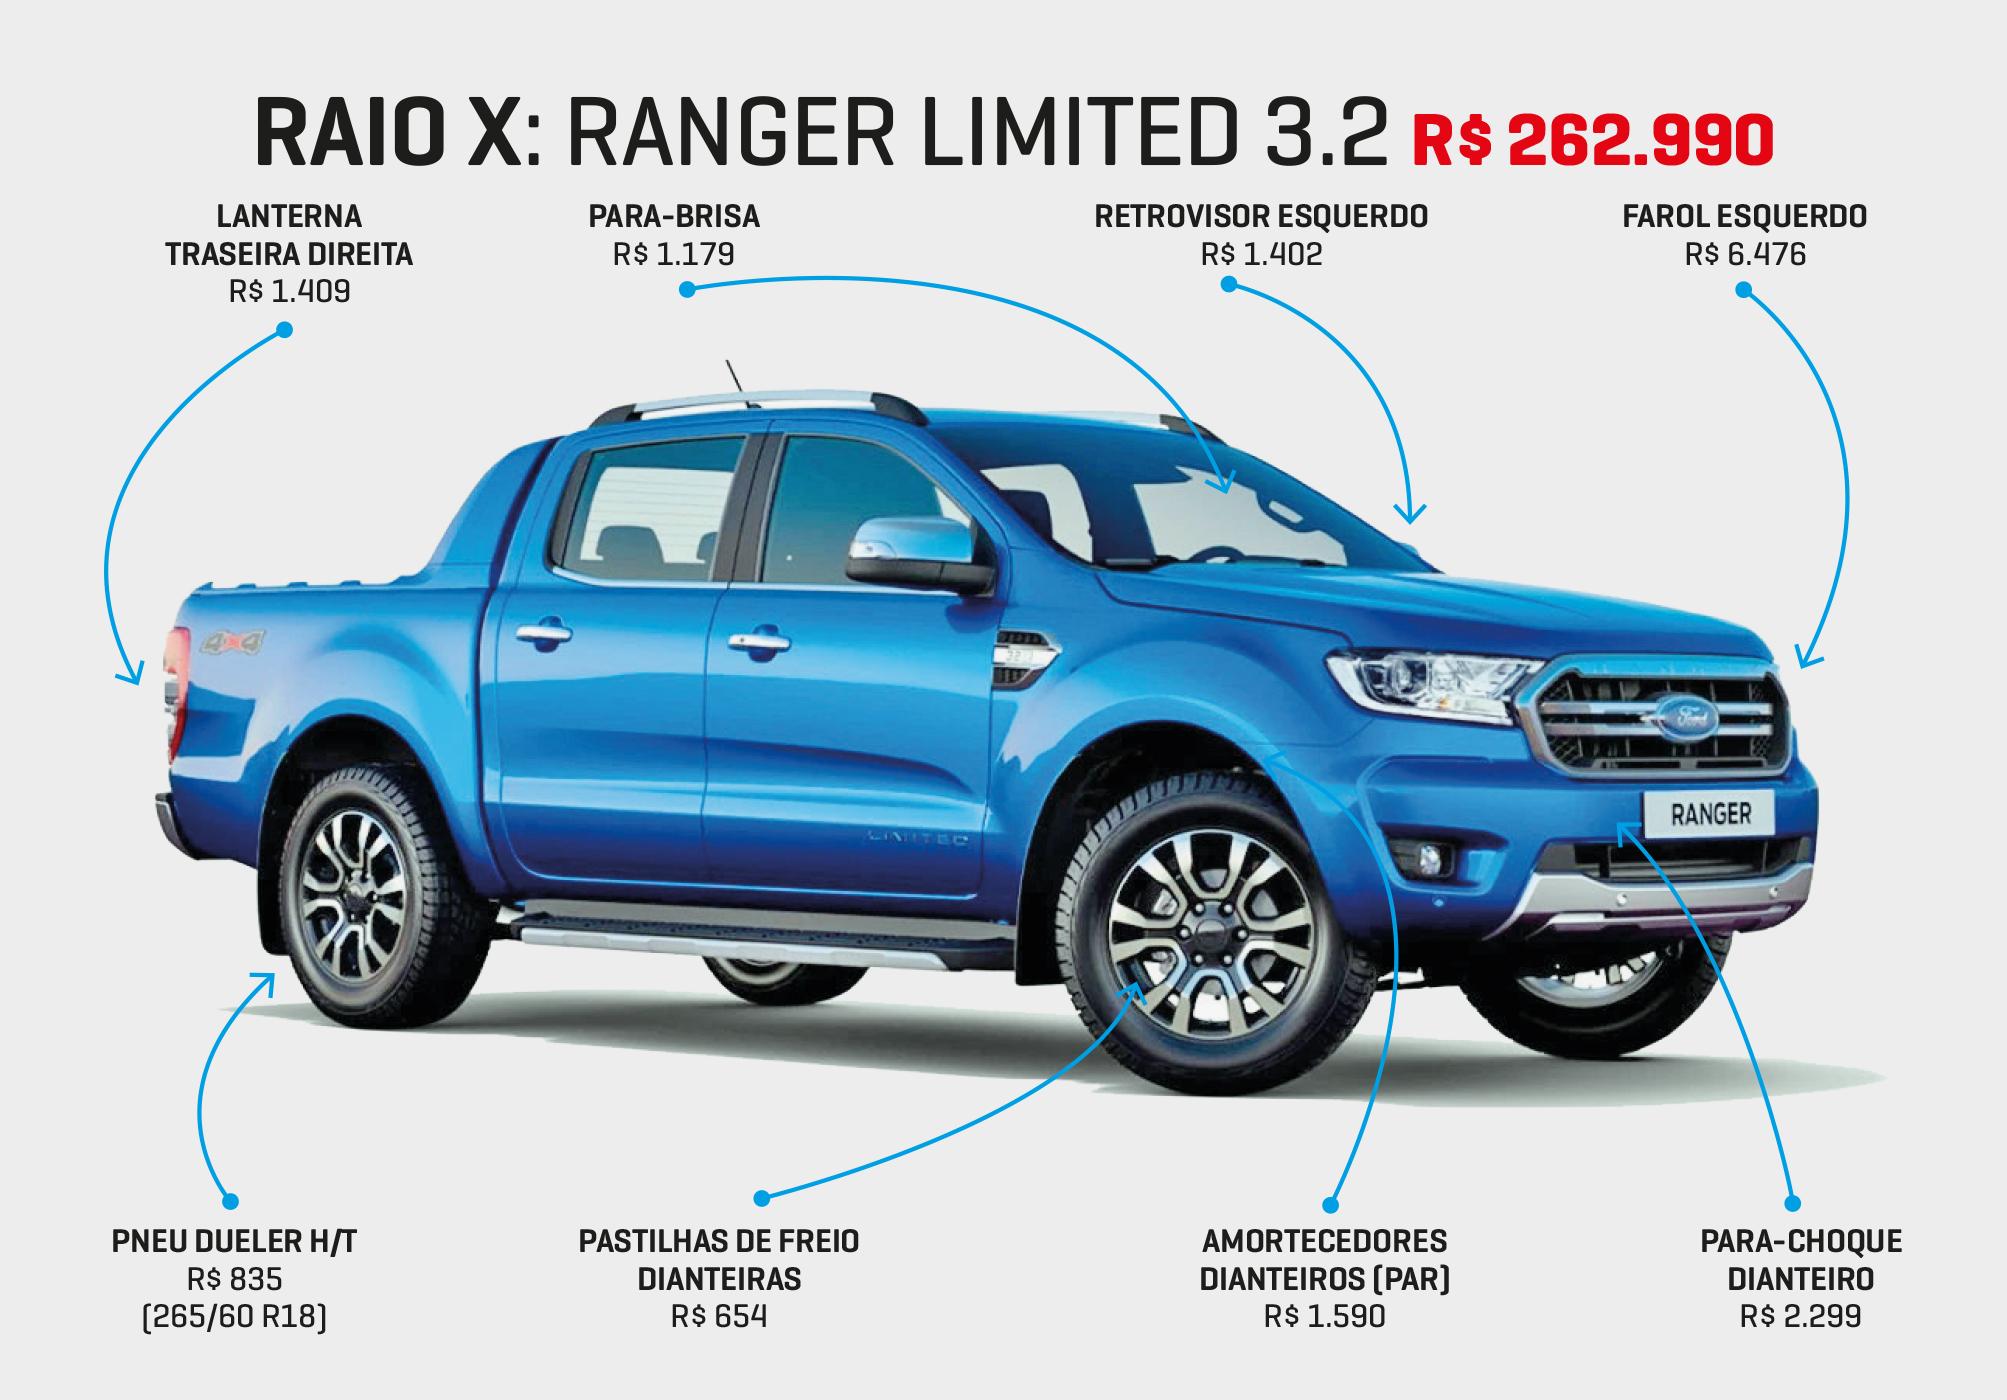 Raiox Ranger 3.2